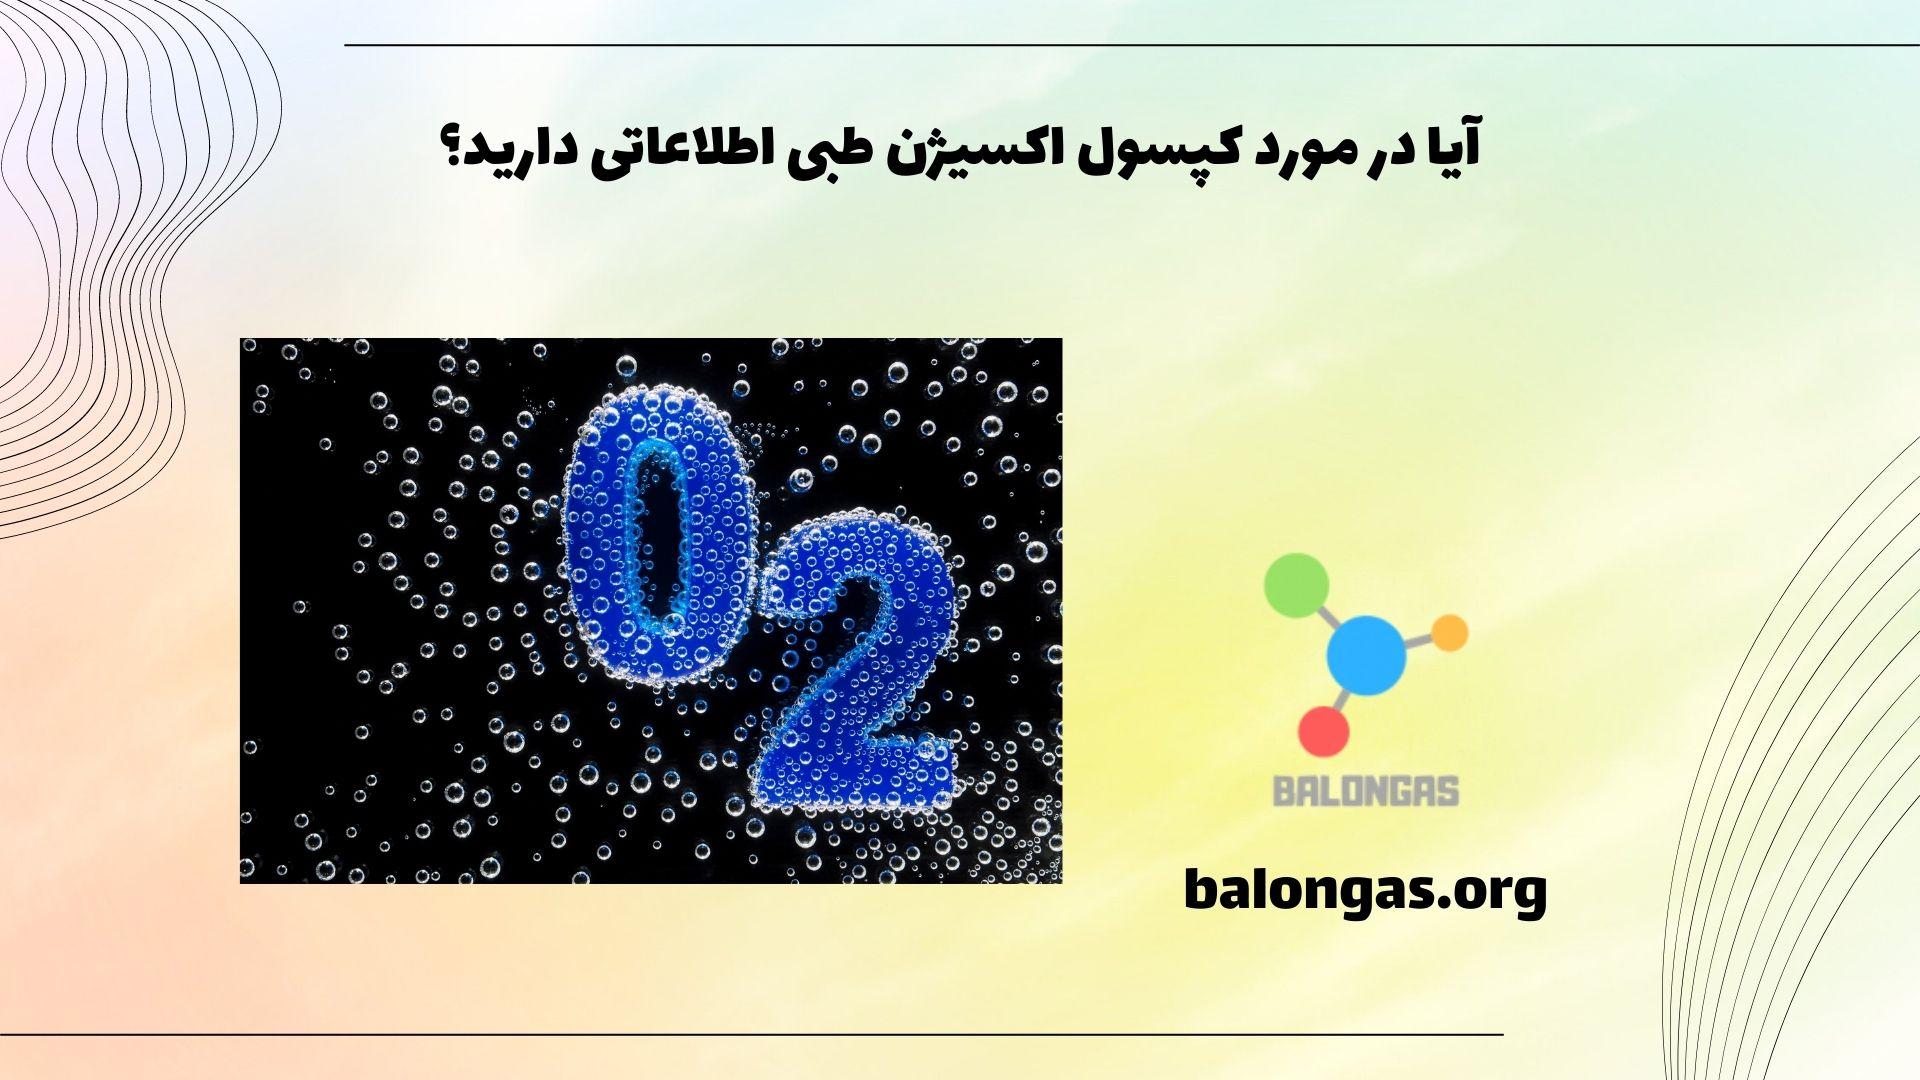 آیا در مورد کپسول اکسیژن طبی اطلاعاتی دارید؟